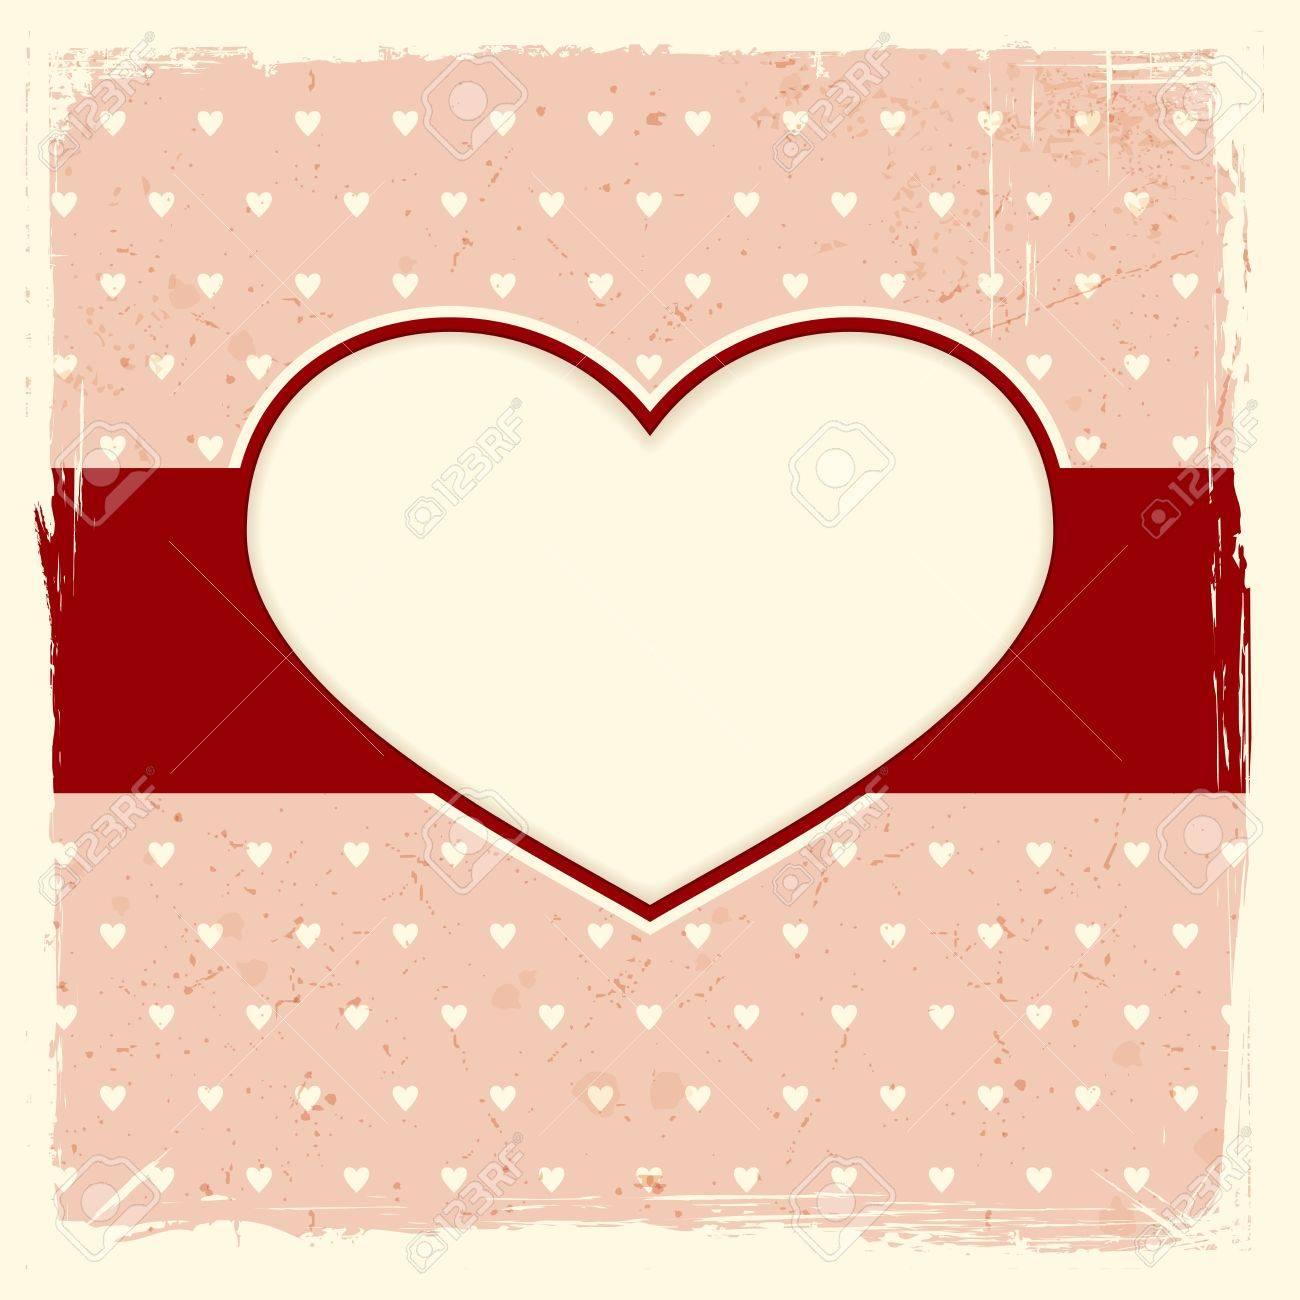 Capítulo Con El Corazón Etiqueta En Fondo Rojo Pálido Afligido Con ...